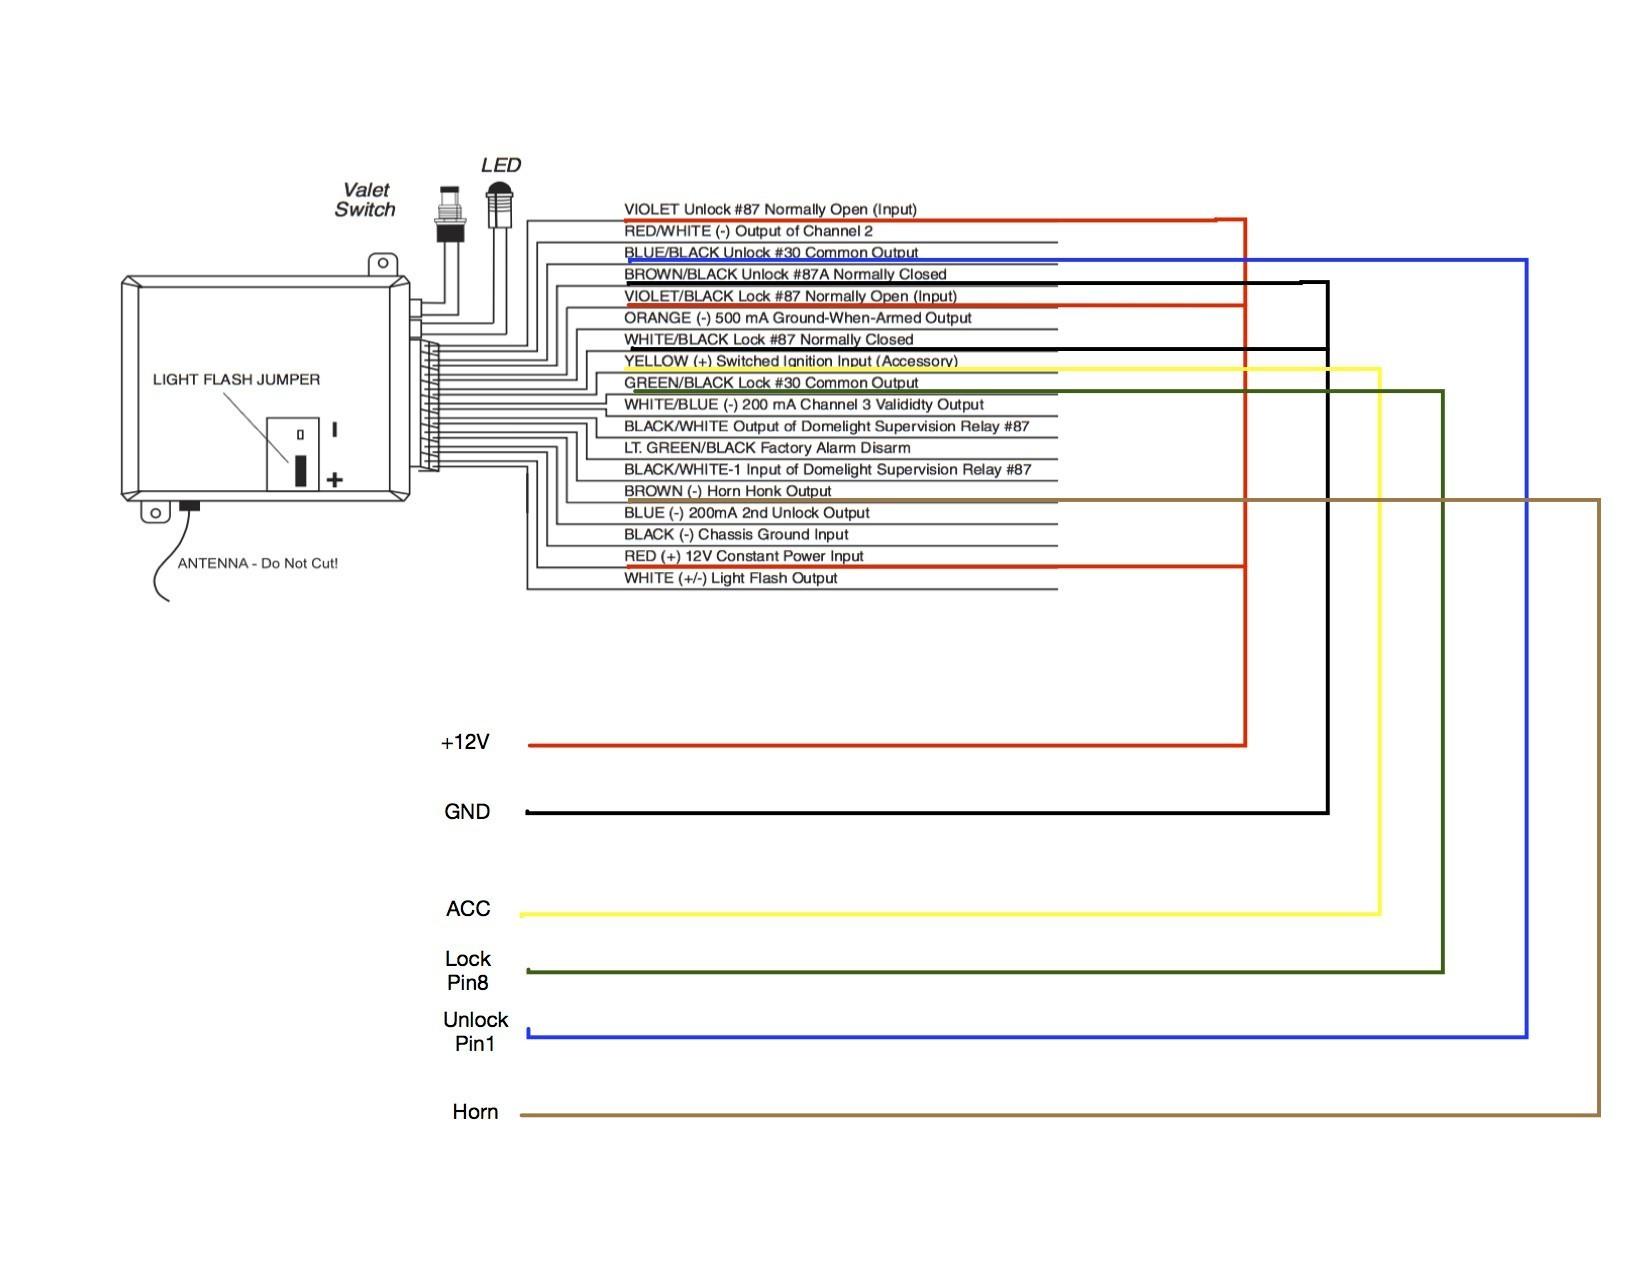 5706v Install Instructions Viper Alarm 5706v Wiring Diagram Wiring Diagram Of 5706v Install Instructions